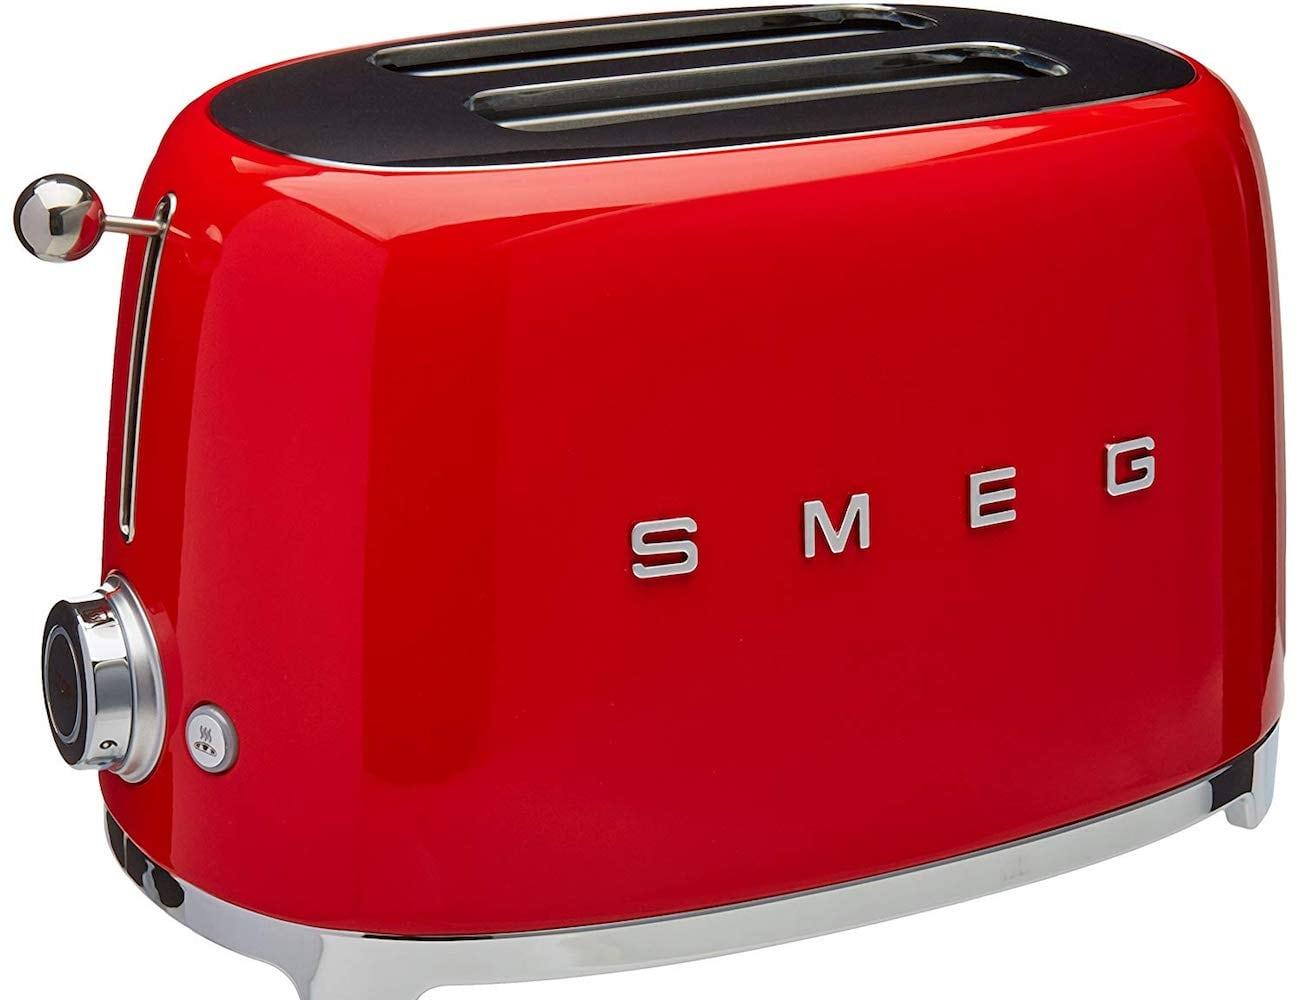 Smeg Retro Style Toaster